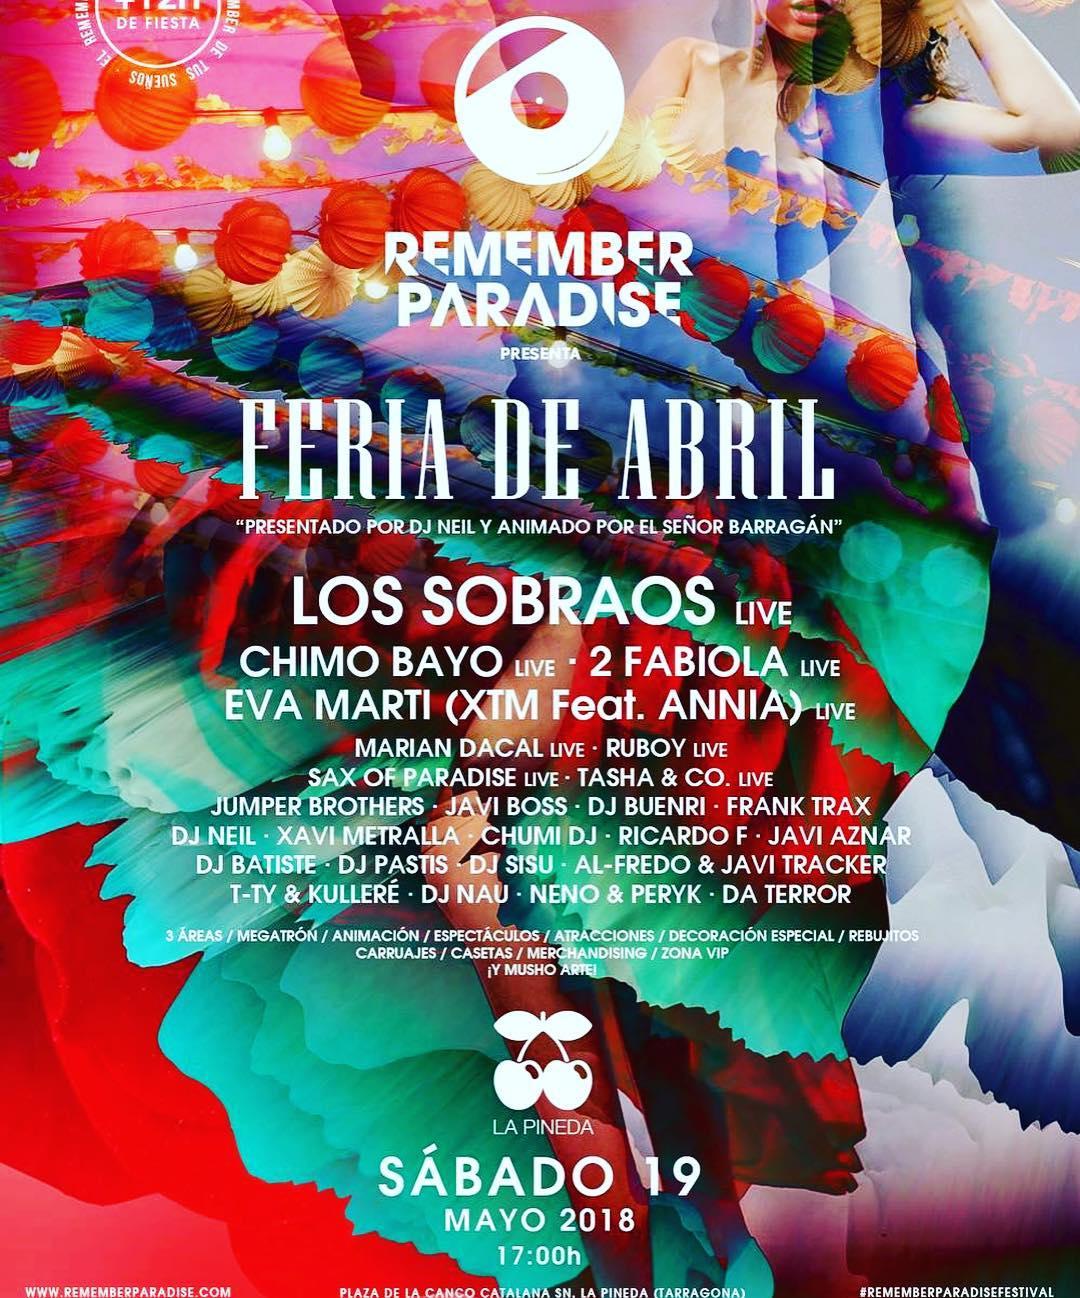 Pacha - Remember Paradise: Feria de Abril